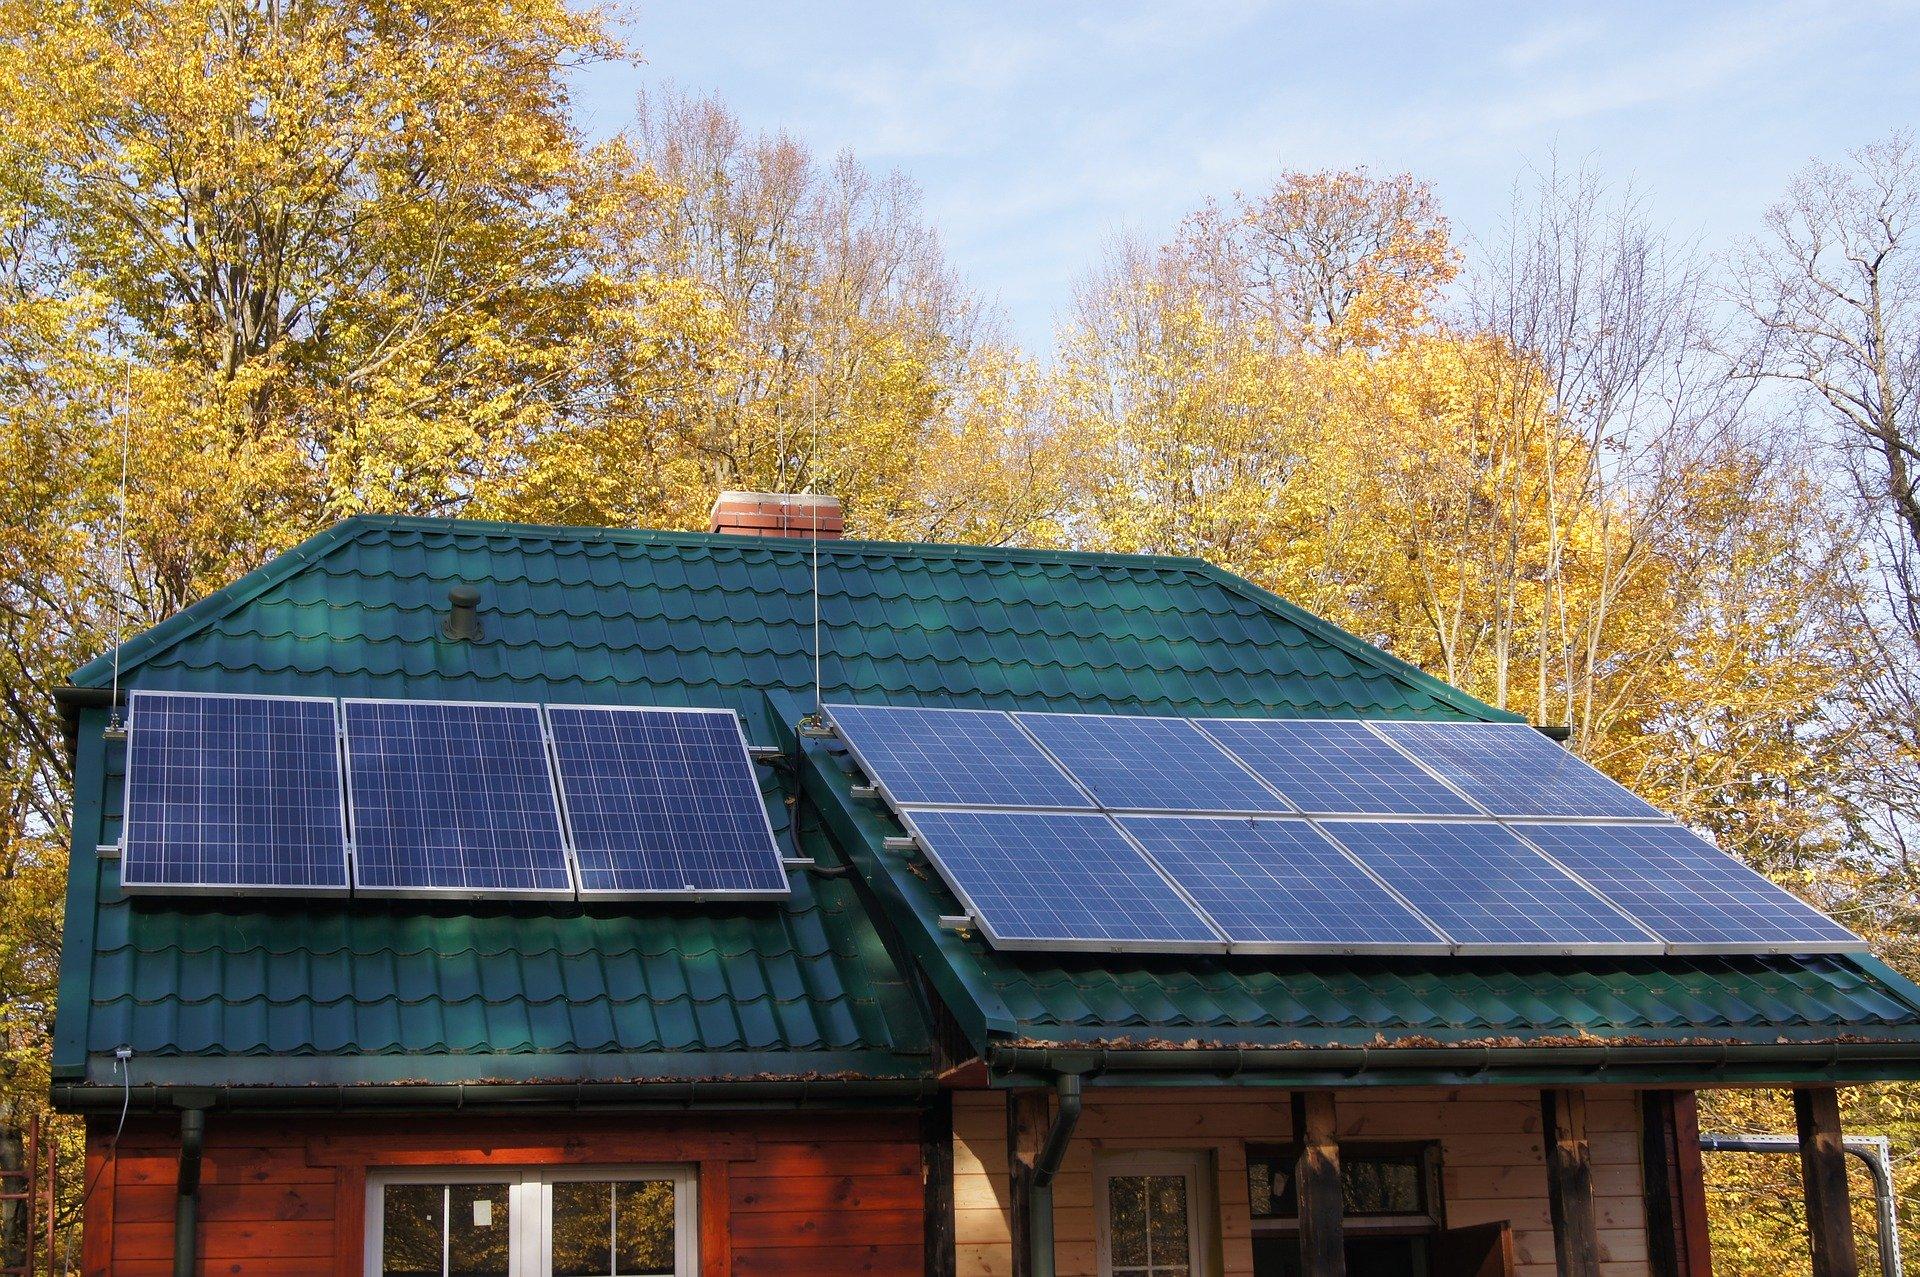 Profesjonalnie zainstalowane panele słoneczne na dachu domu w Krakowie